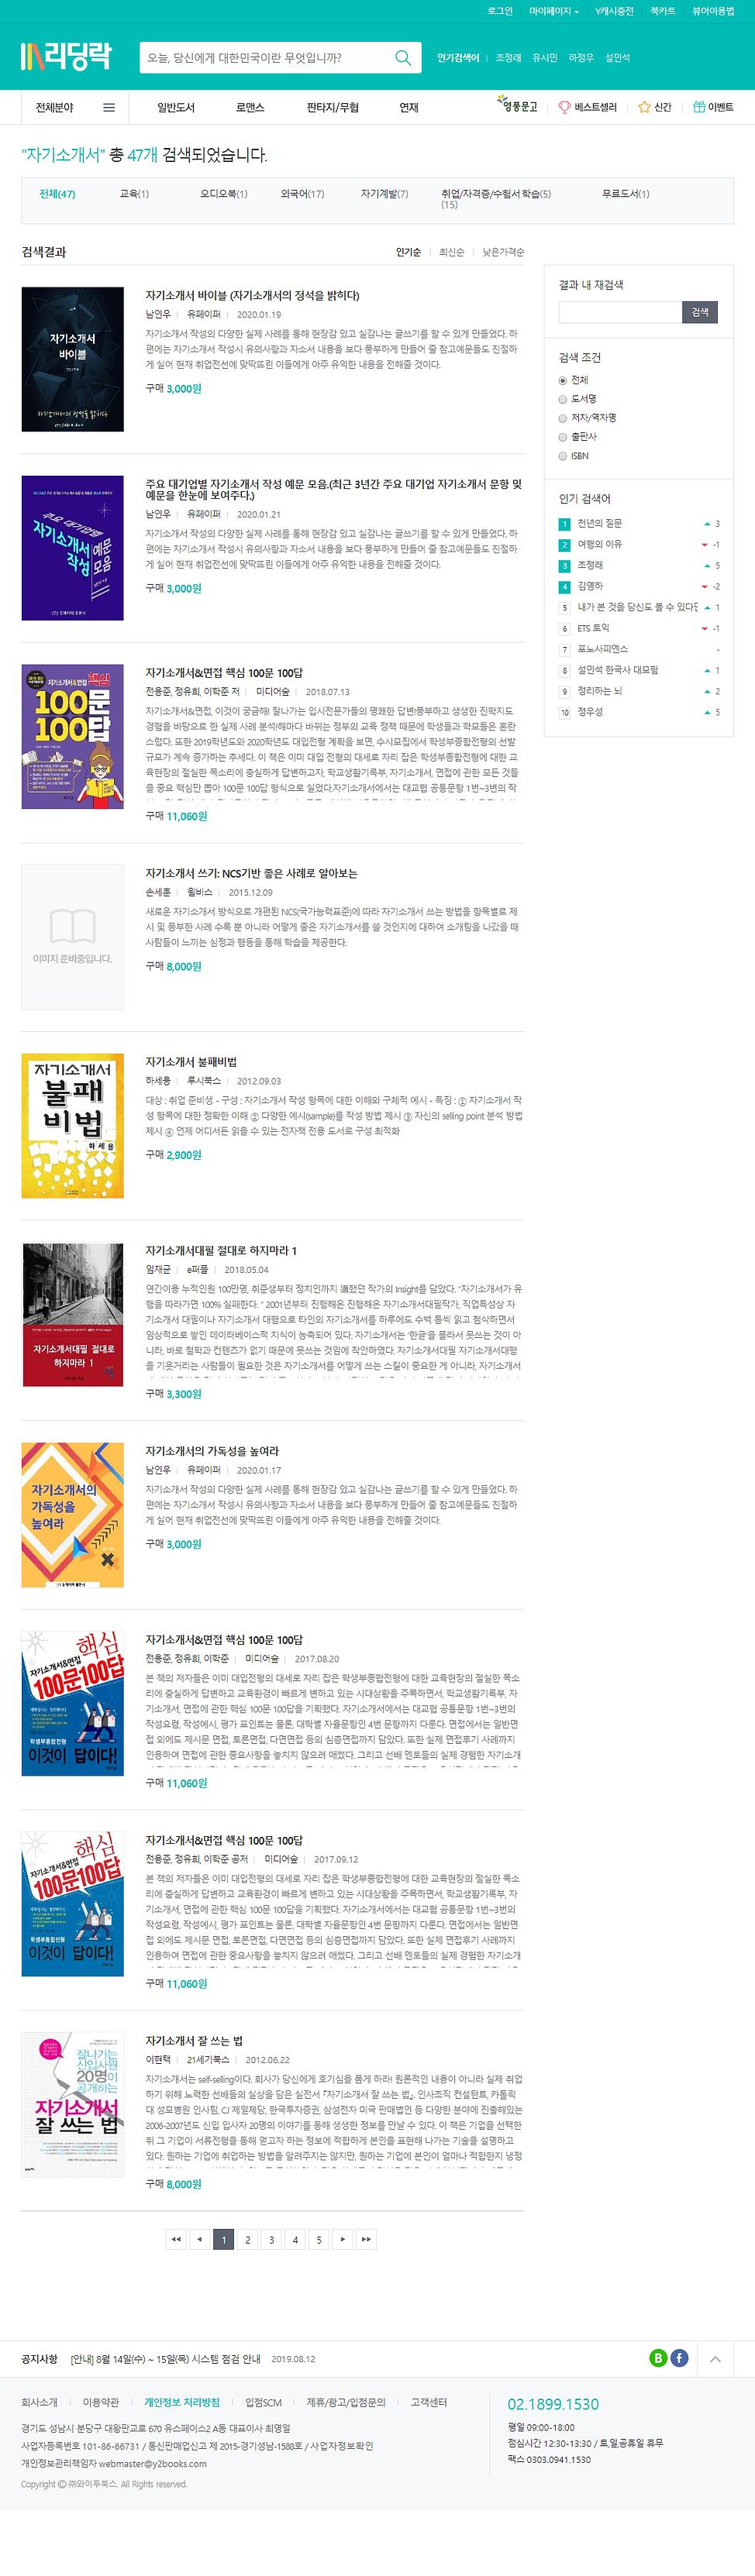 영풍문고 1,2,5,8위 자기소개서,구글 주요뉴스 등재,남인우,교수,이력